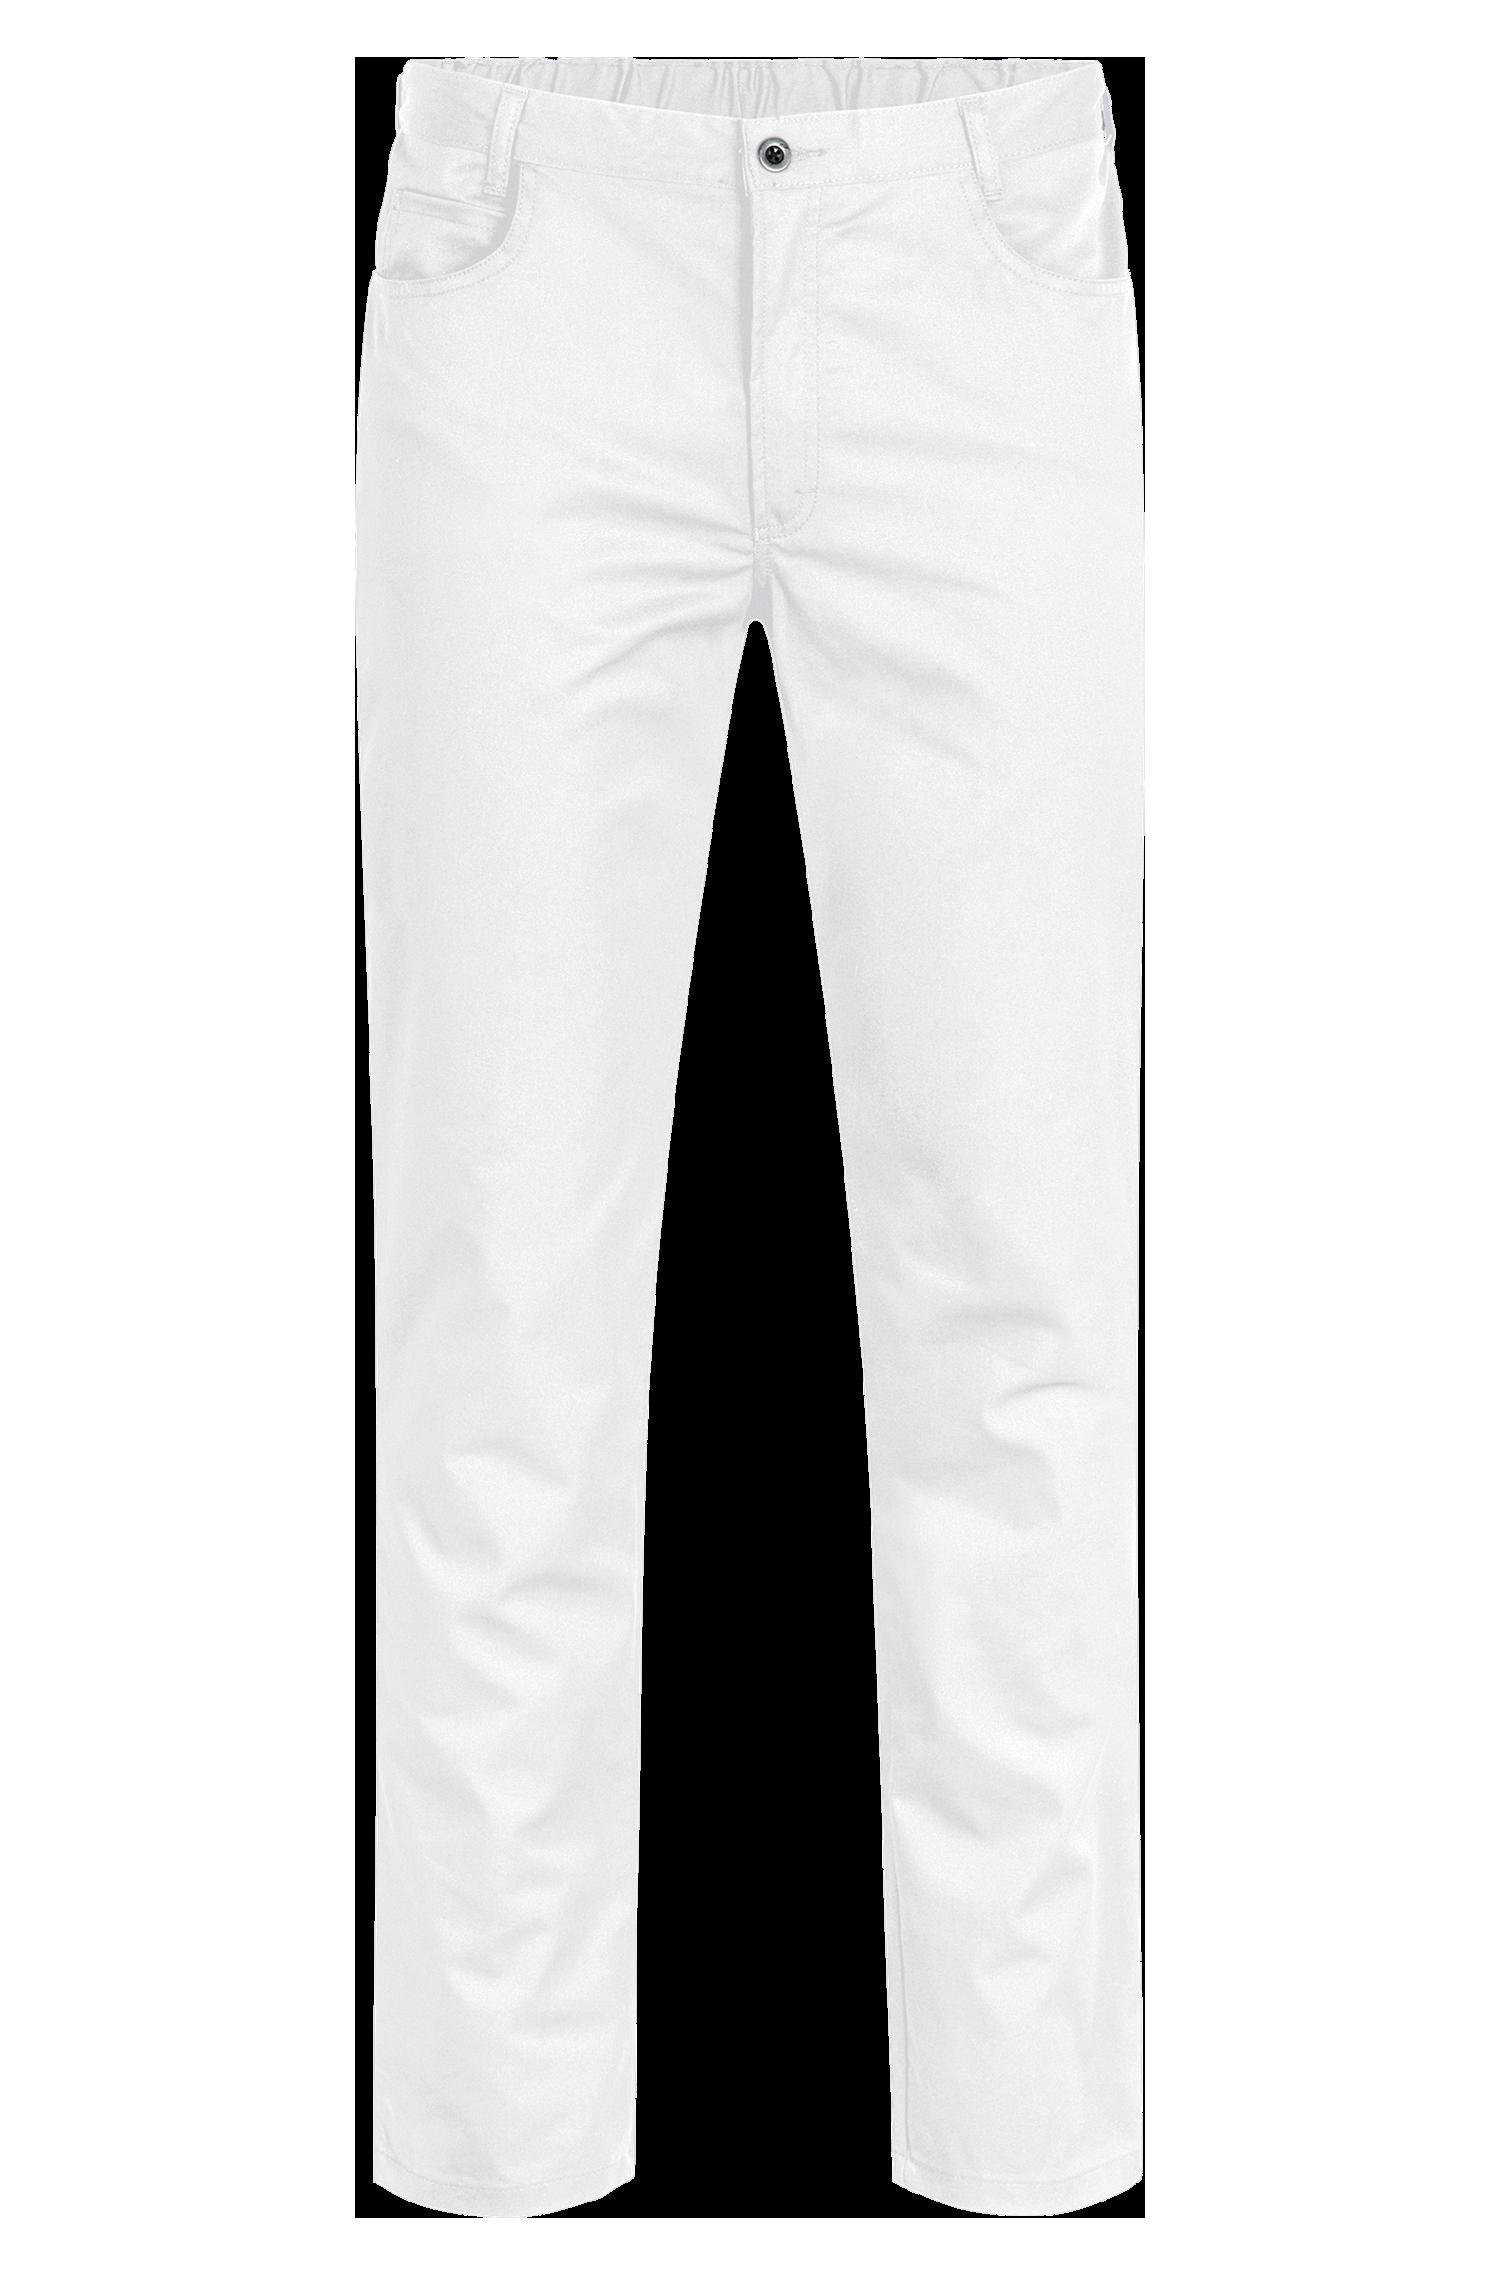 Herrenhose Greiff 5321 MG